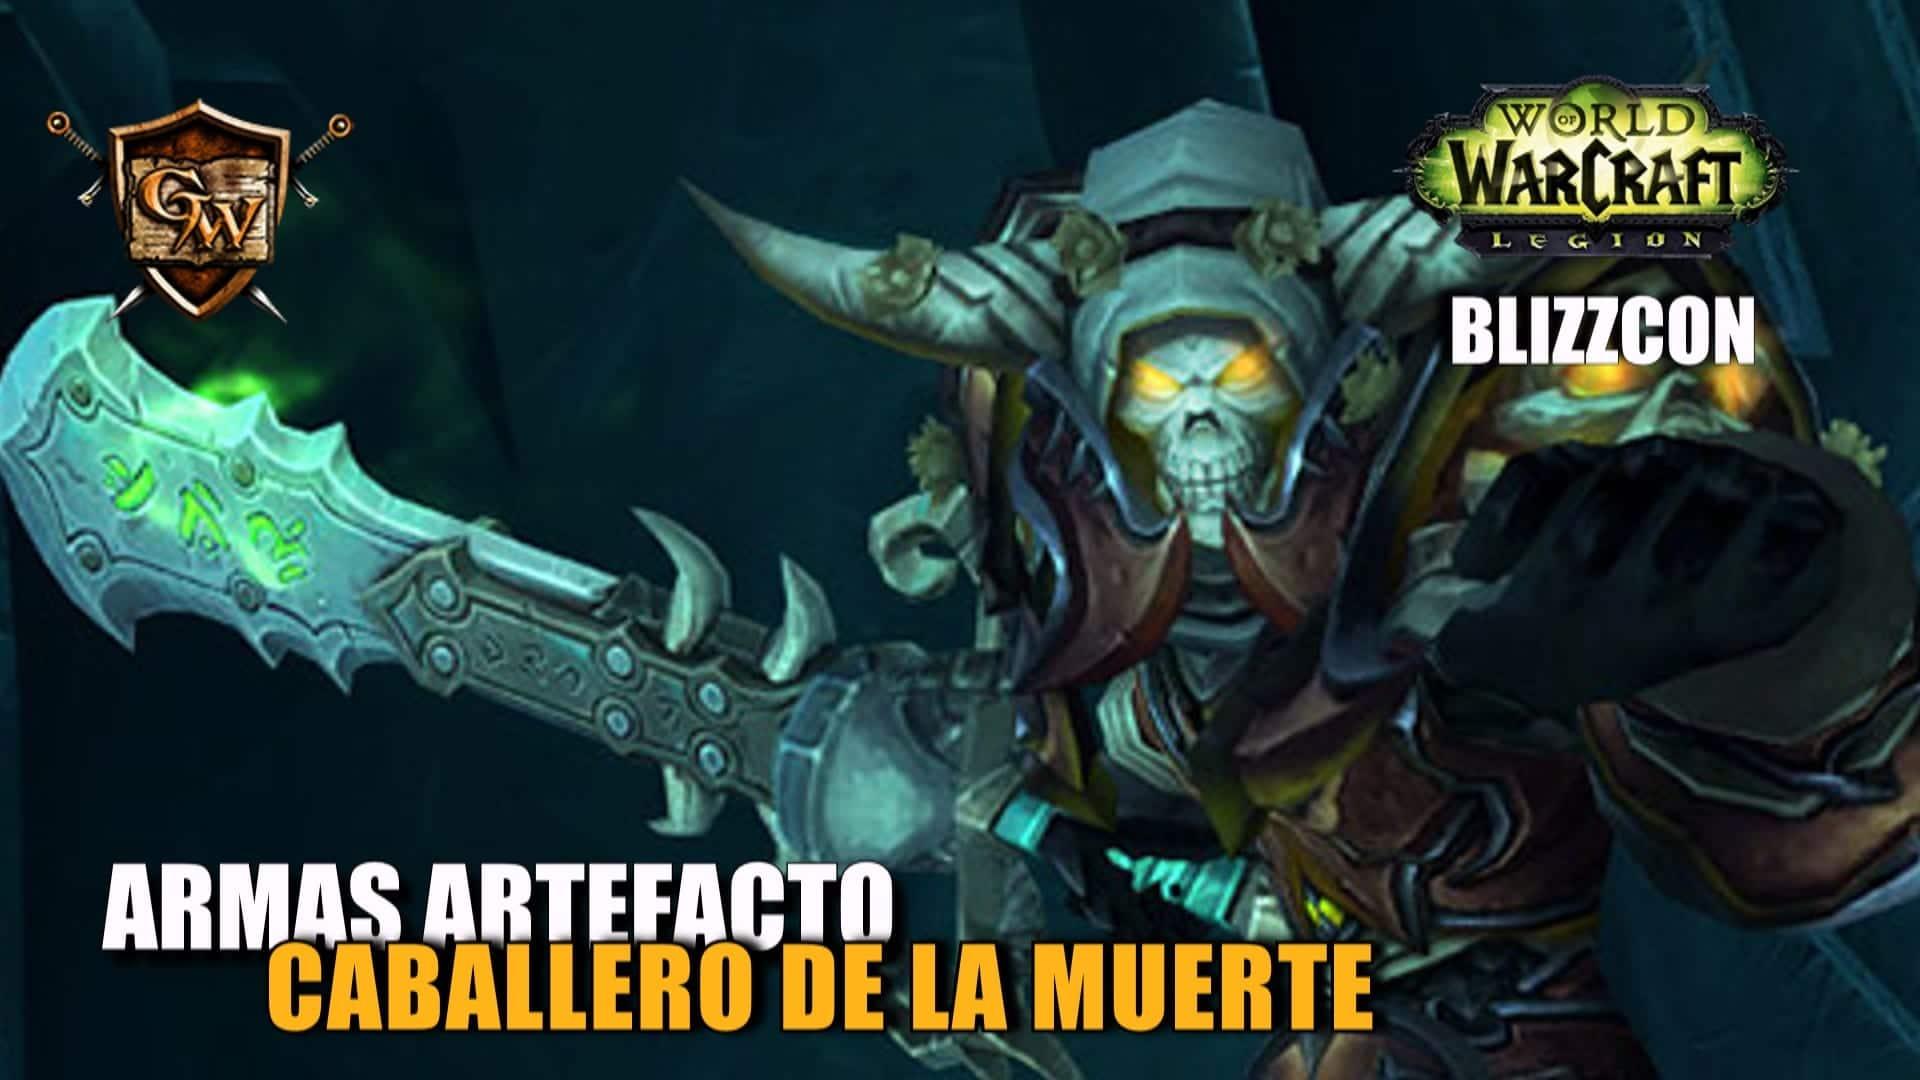 Armas artefacto: Caballero de la Muerte